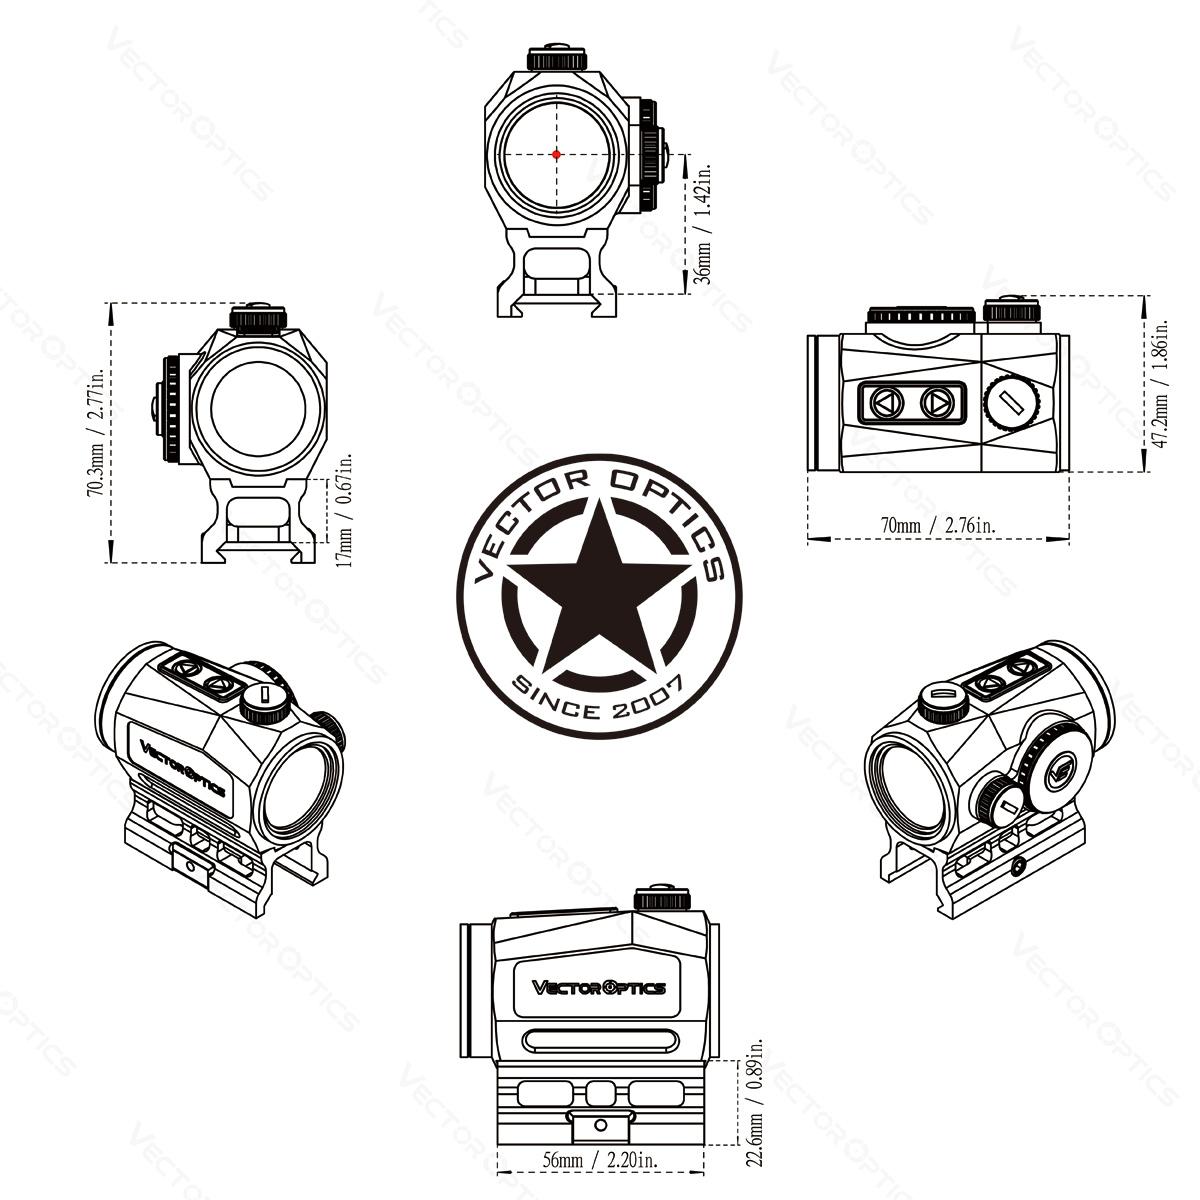 Scrapper 1x25 Acom CAD Diagram